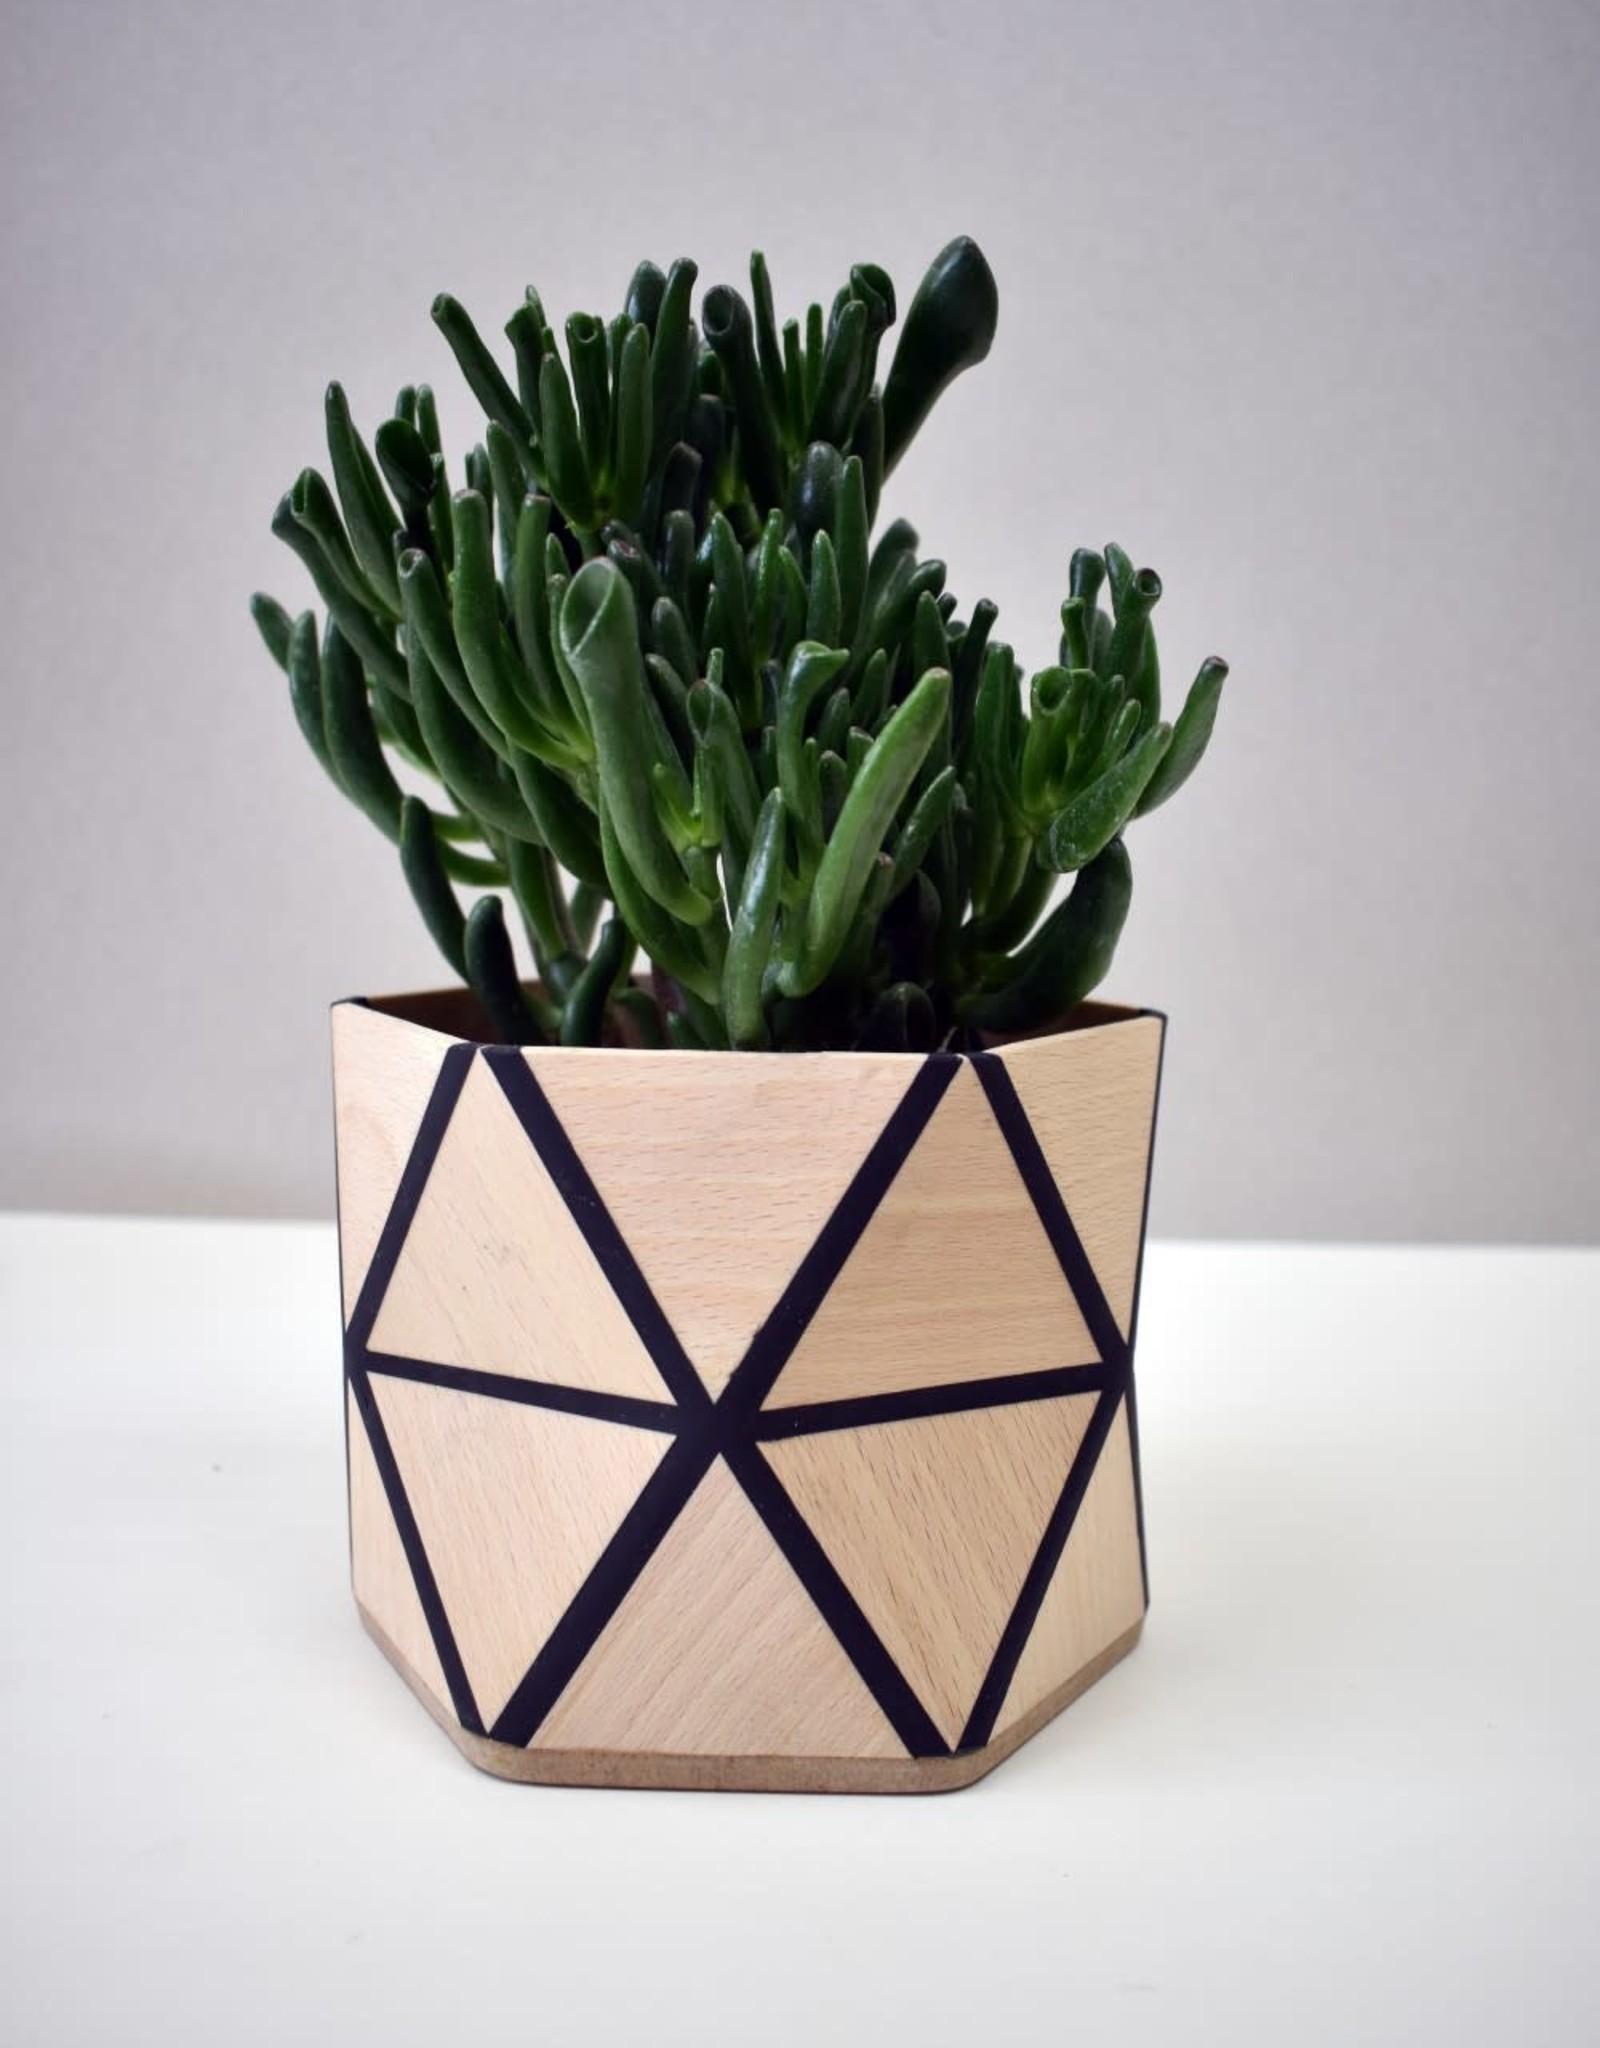 Karooz Daisy - Triangle - Beech - H12,5 x B13,5